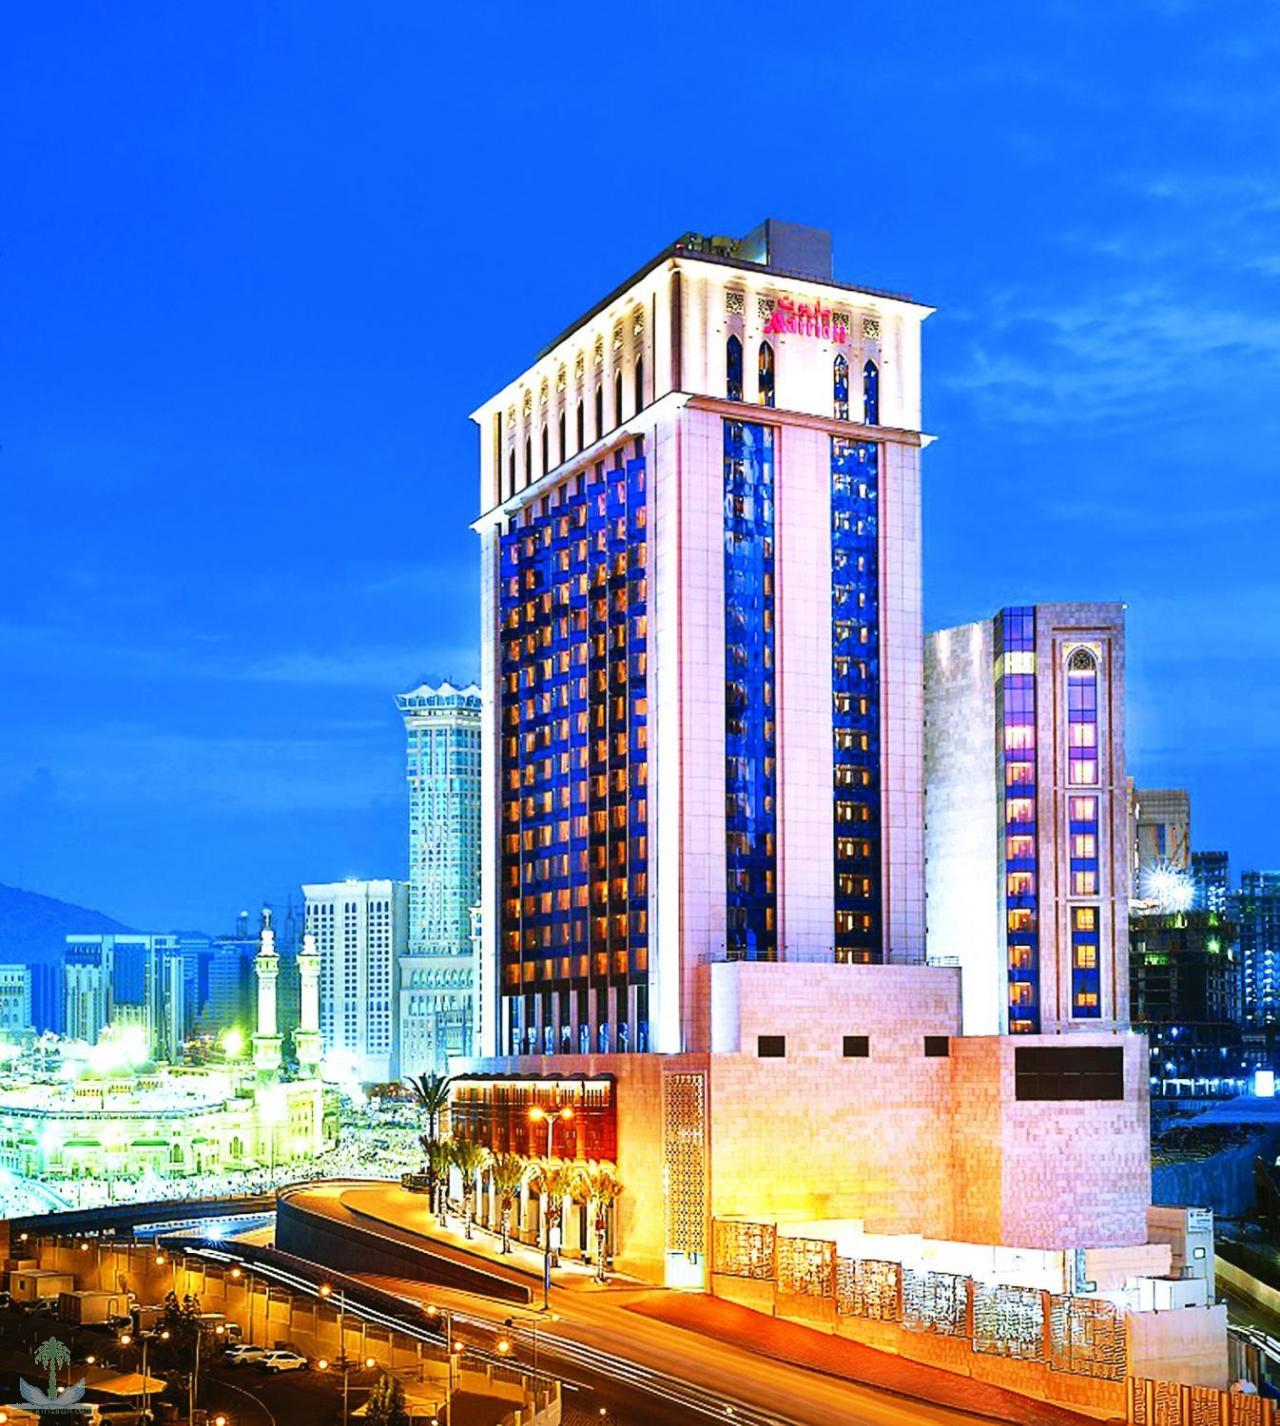 بالصور افخم فندق بالرياض , الفنادق الاكثر حجزا في الرياض 2335 9